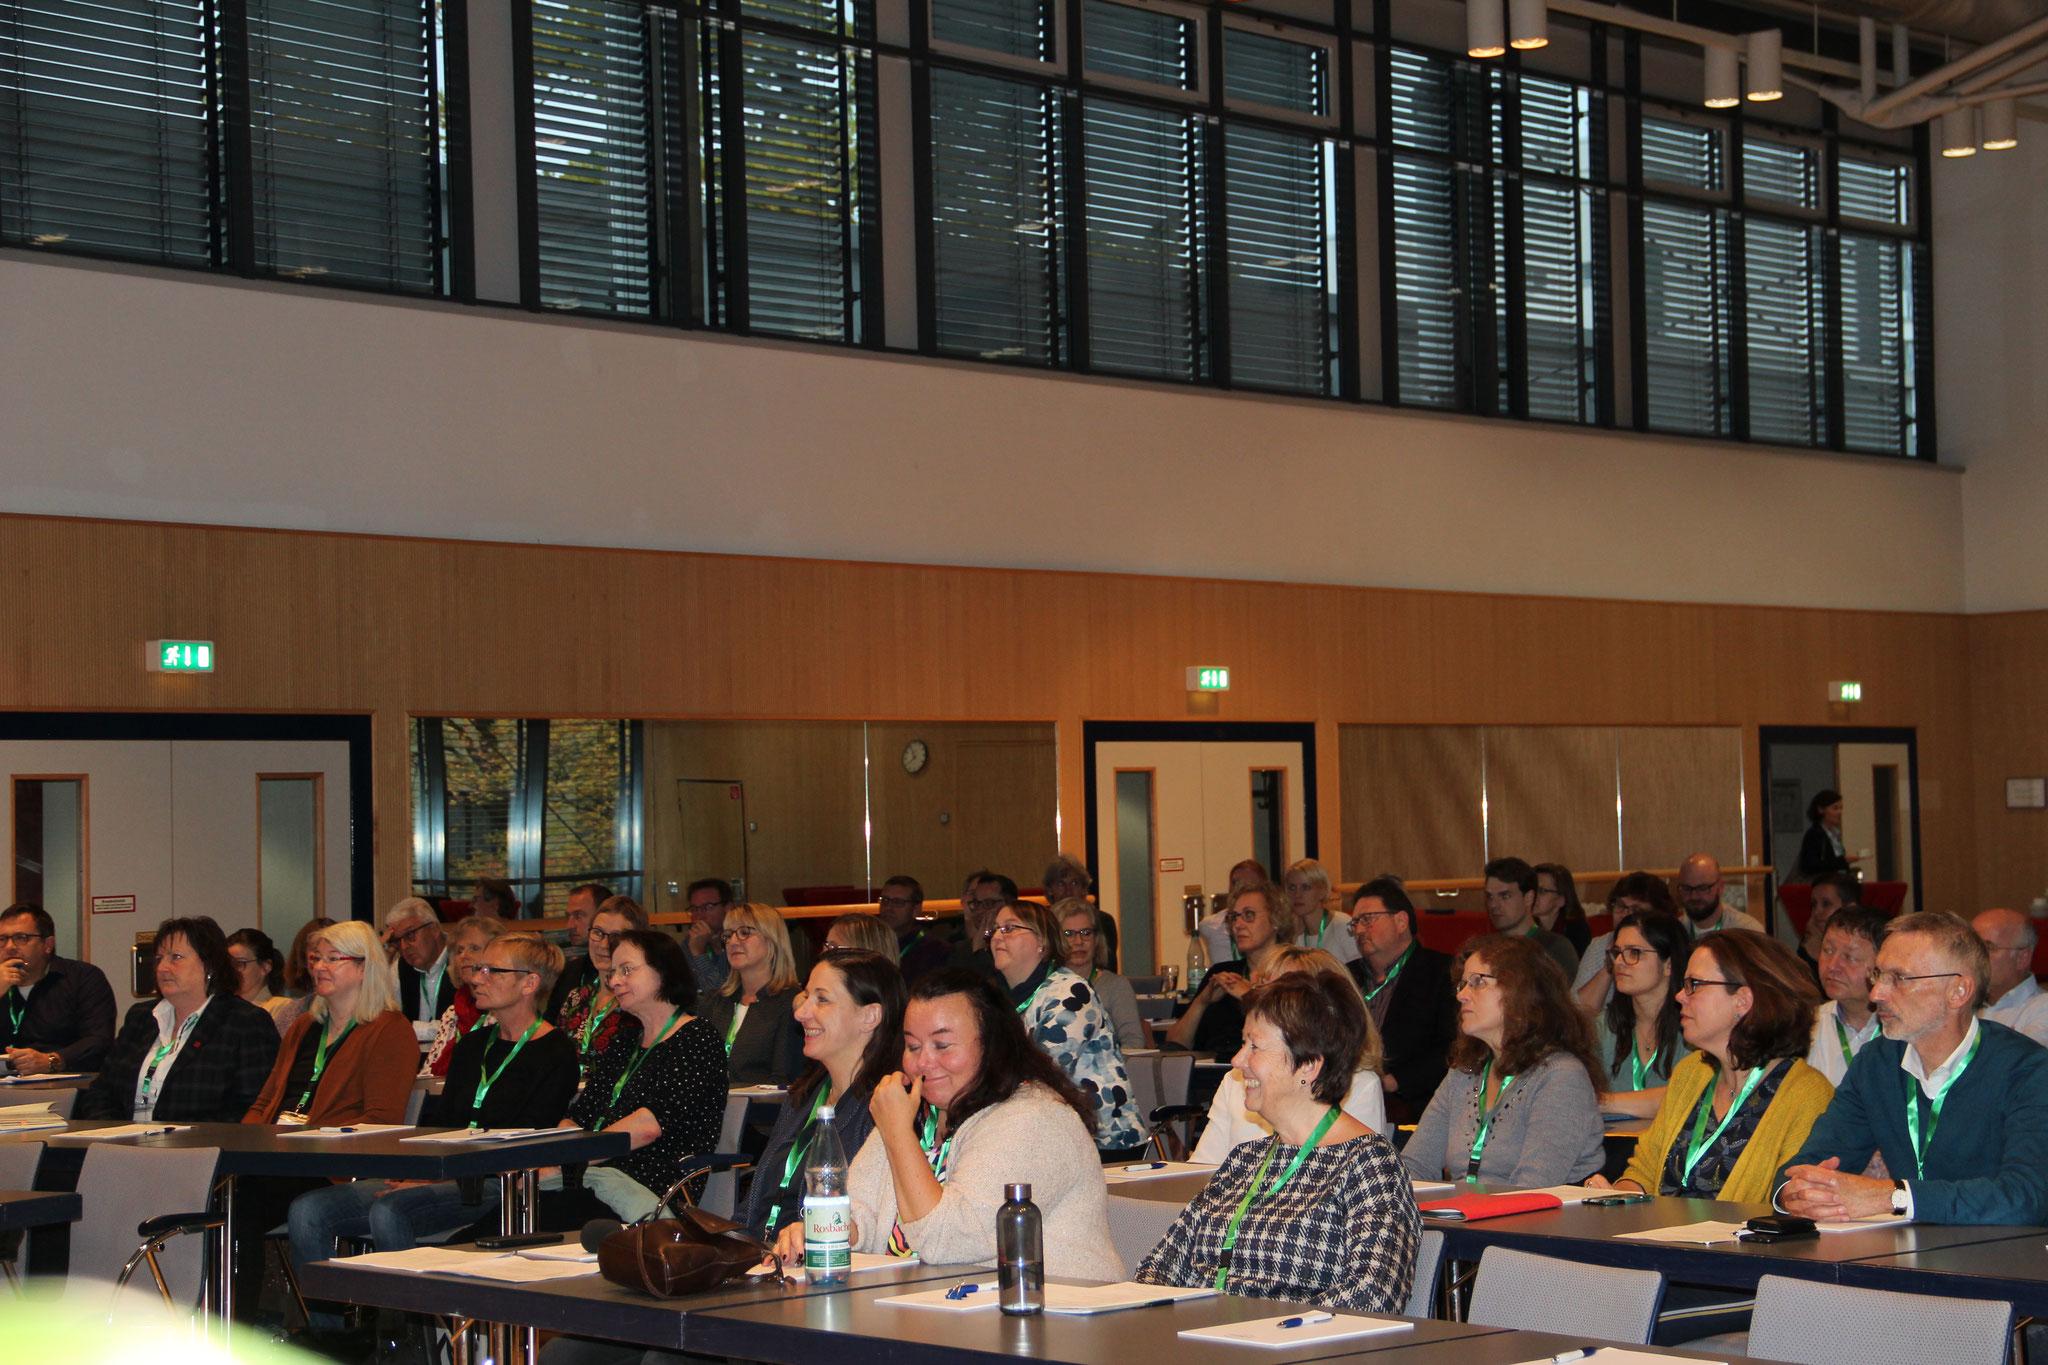 Begrüßt wurden die Teilnehmer*innen aus Deutschland, Luxemburg und der Schweiz durch den AKIR-Vorsitzenden Ralph Harnacke